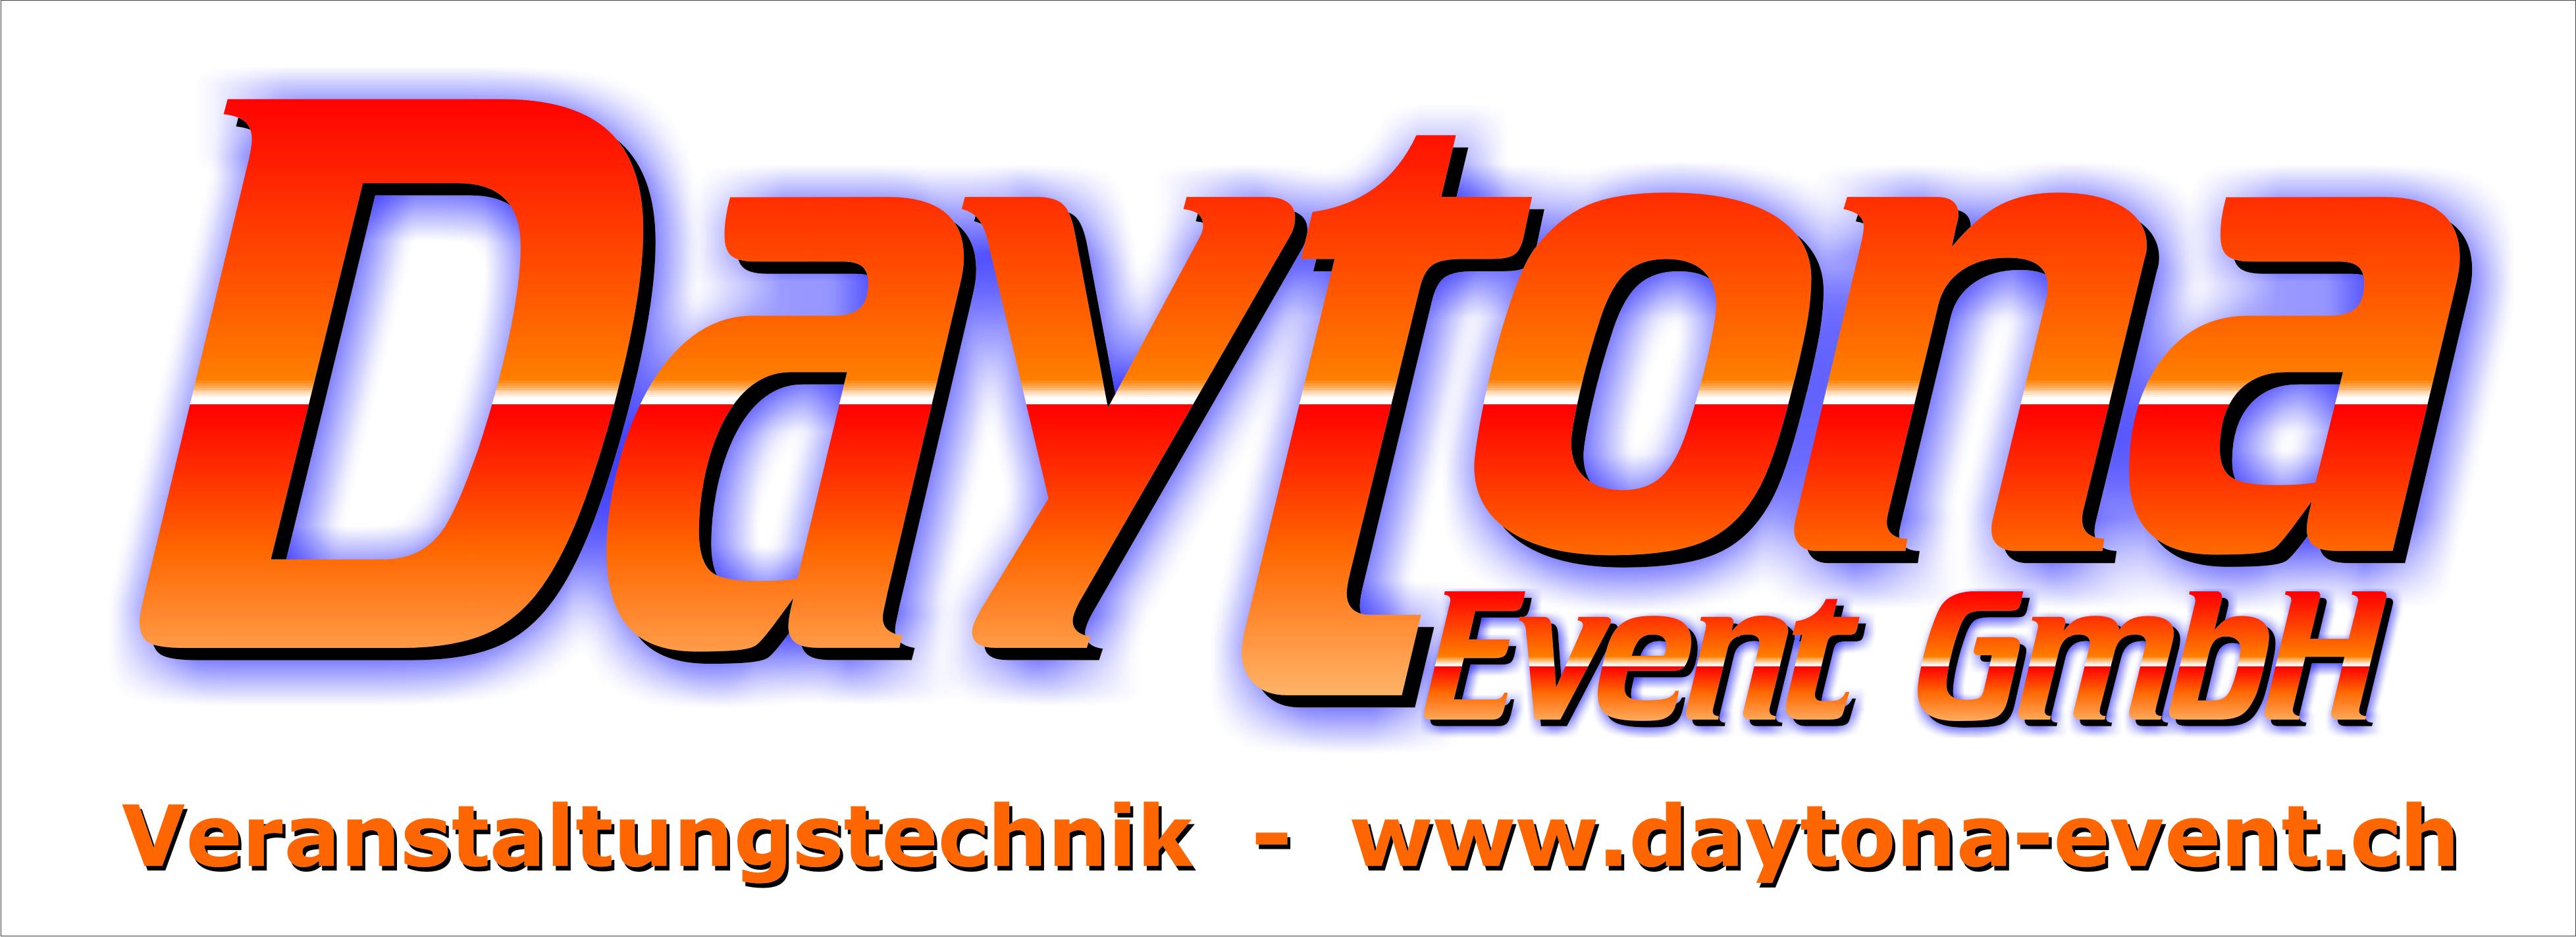 Logo mit Hintergrund weiss Daytona